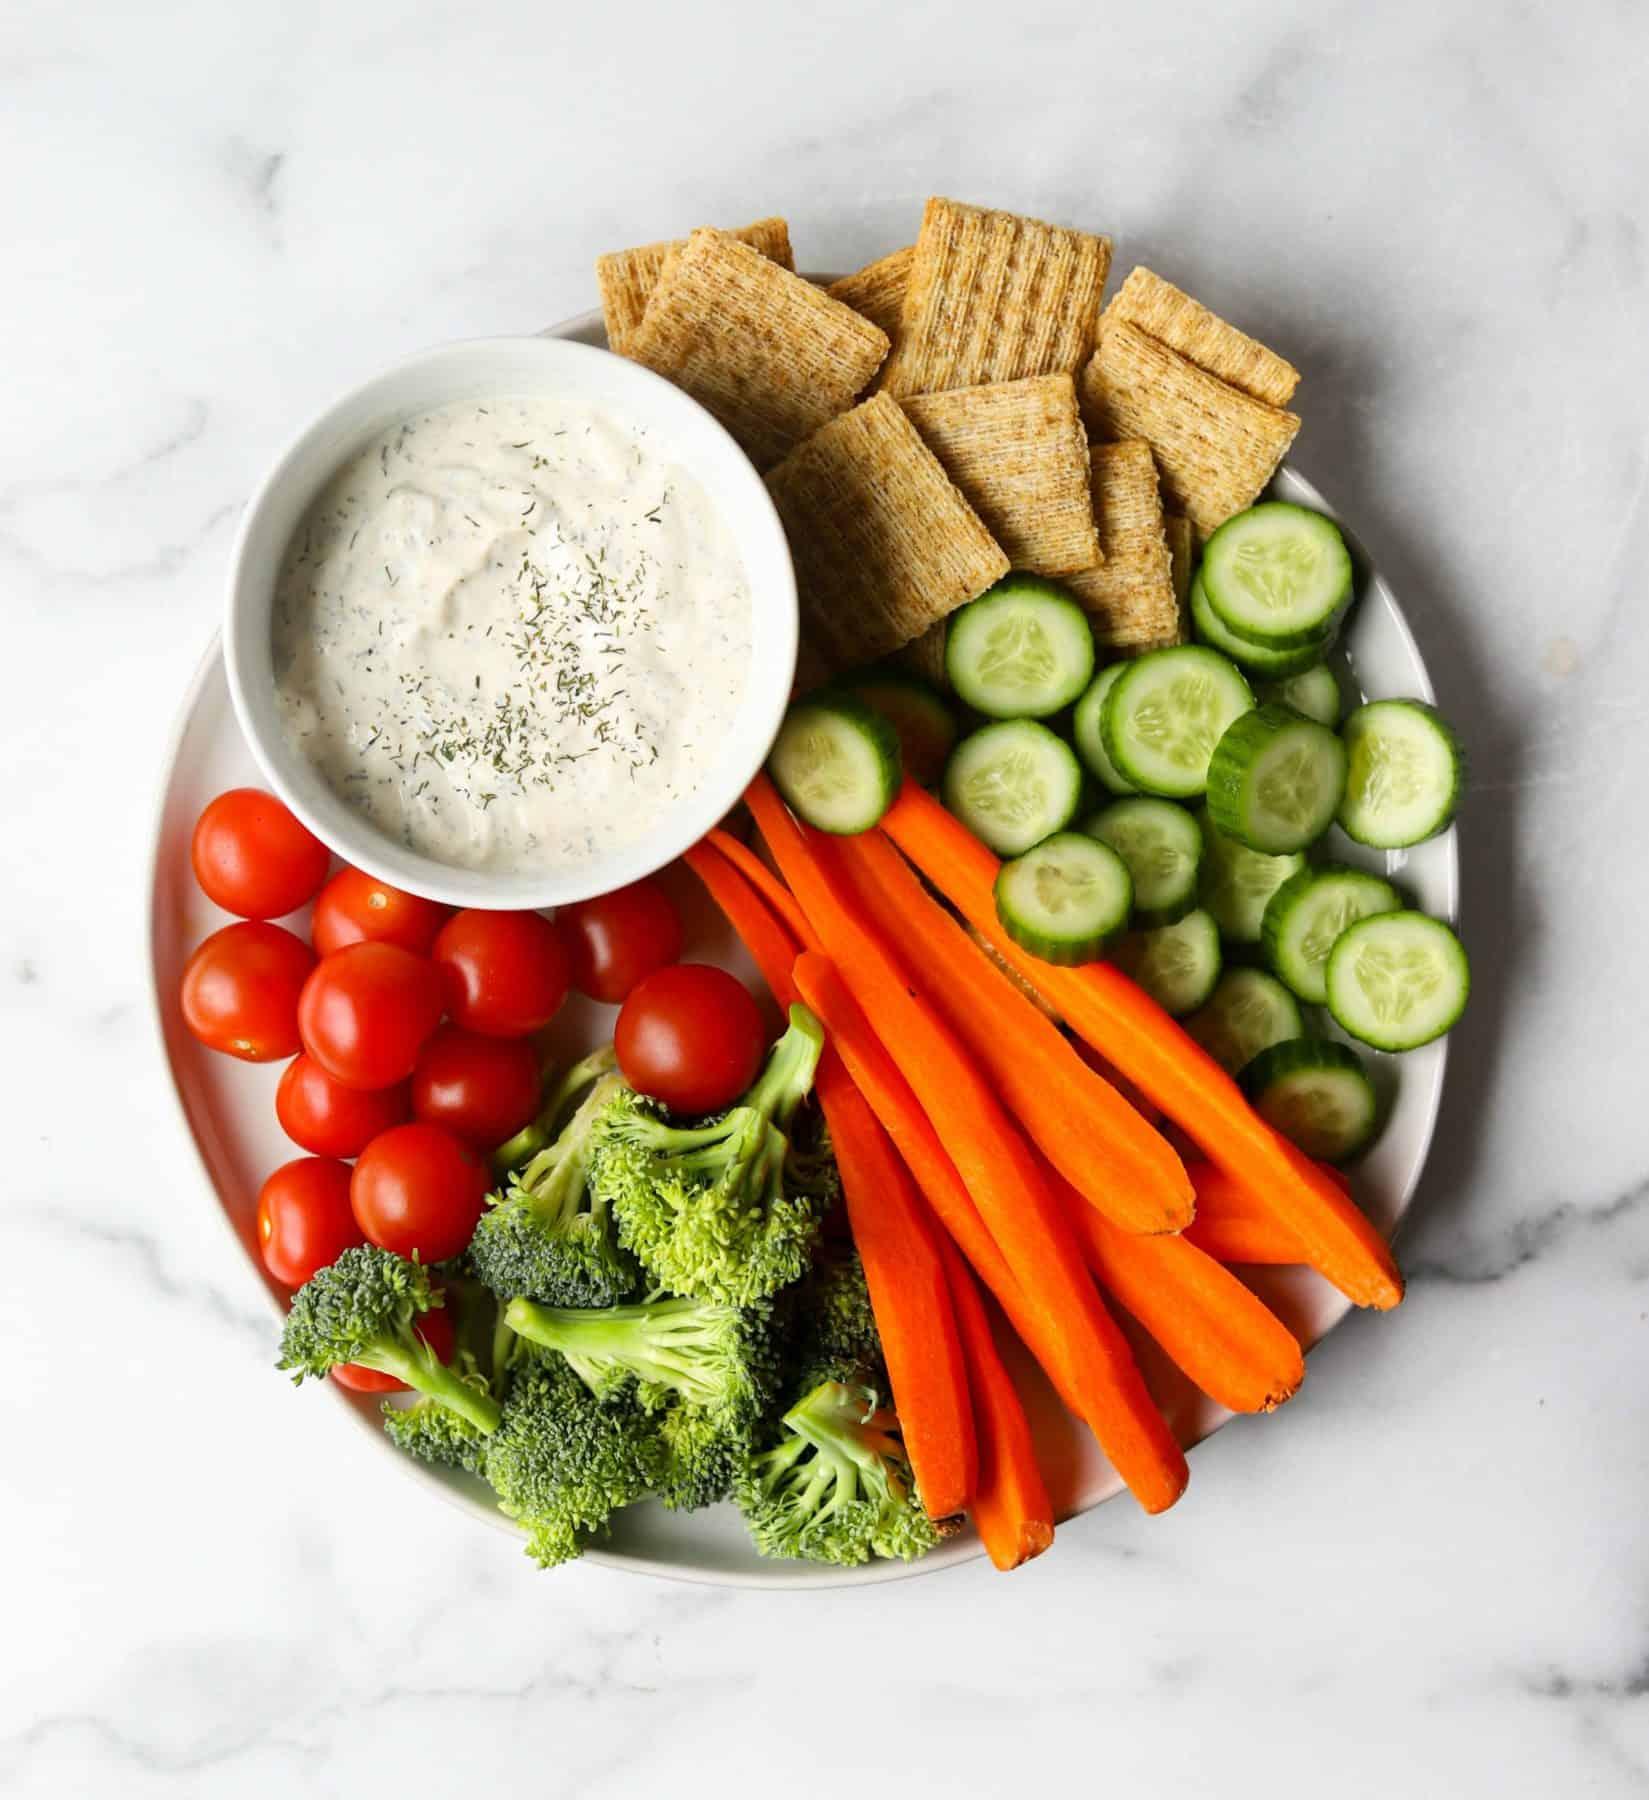 Veggie tray on white marble backdrop.